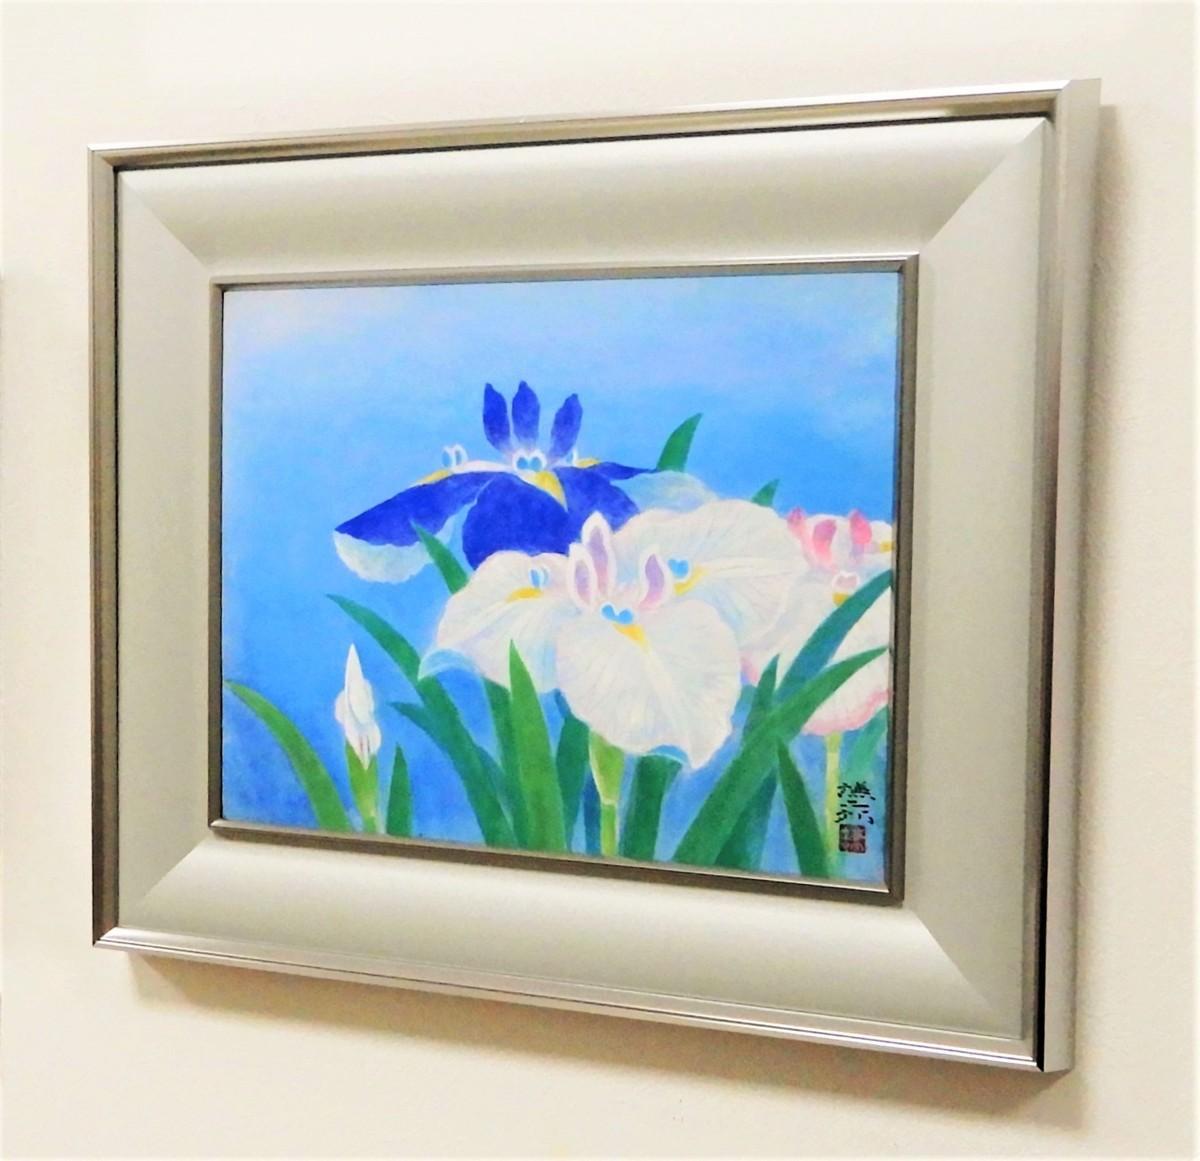 大幅な値下交渉歓迎 福田謙二郎 『花菖蒲』 日本画 F6号 日展会員 2006年逝去 【送料無料】_画像7